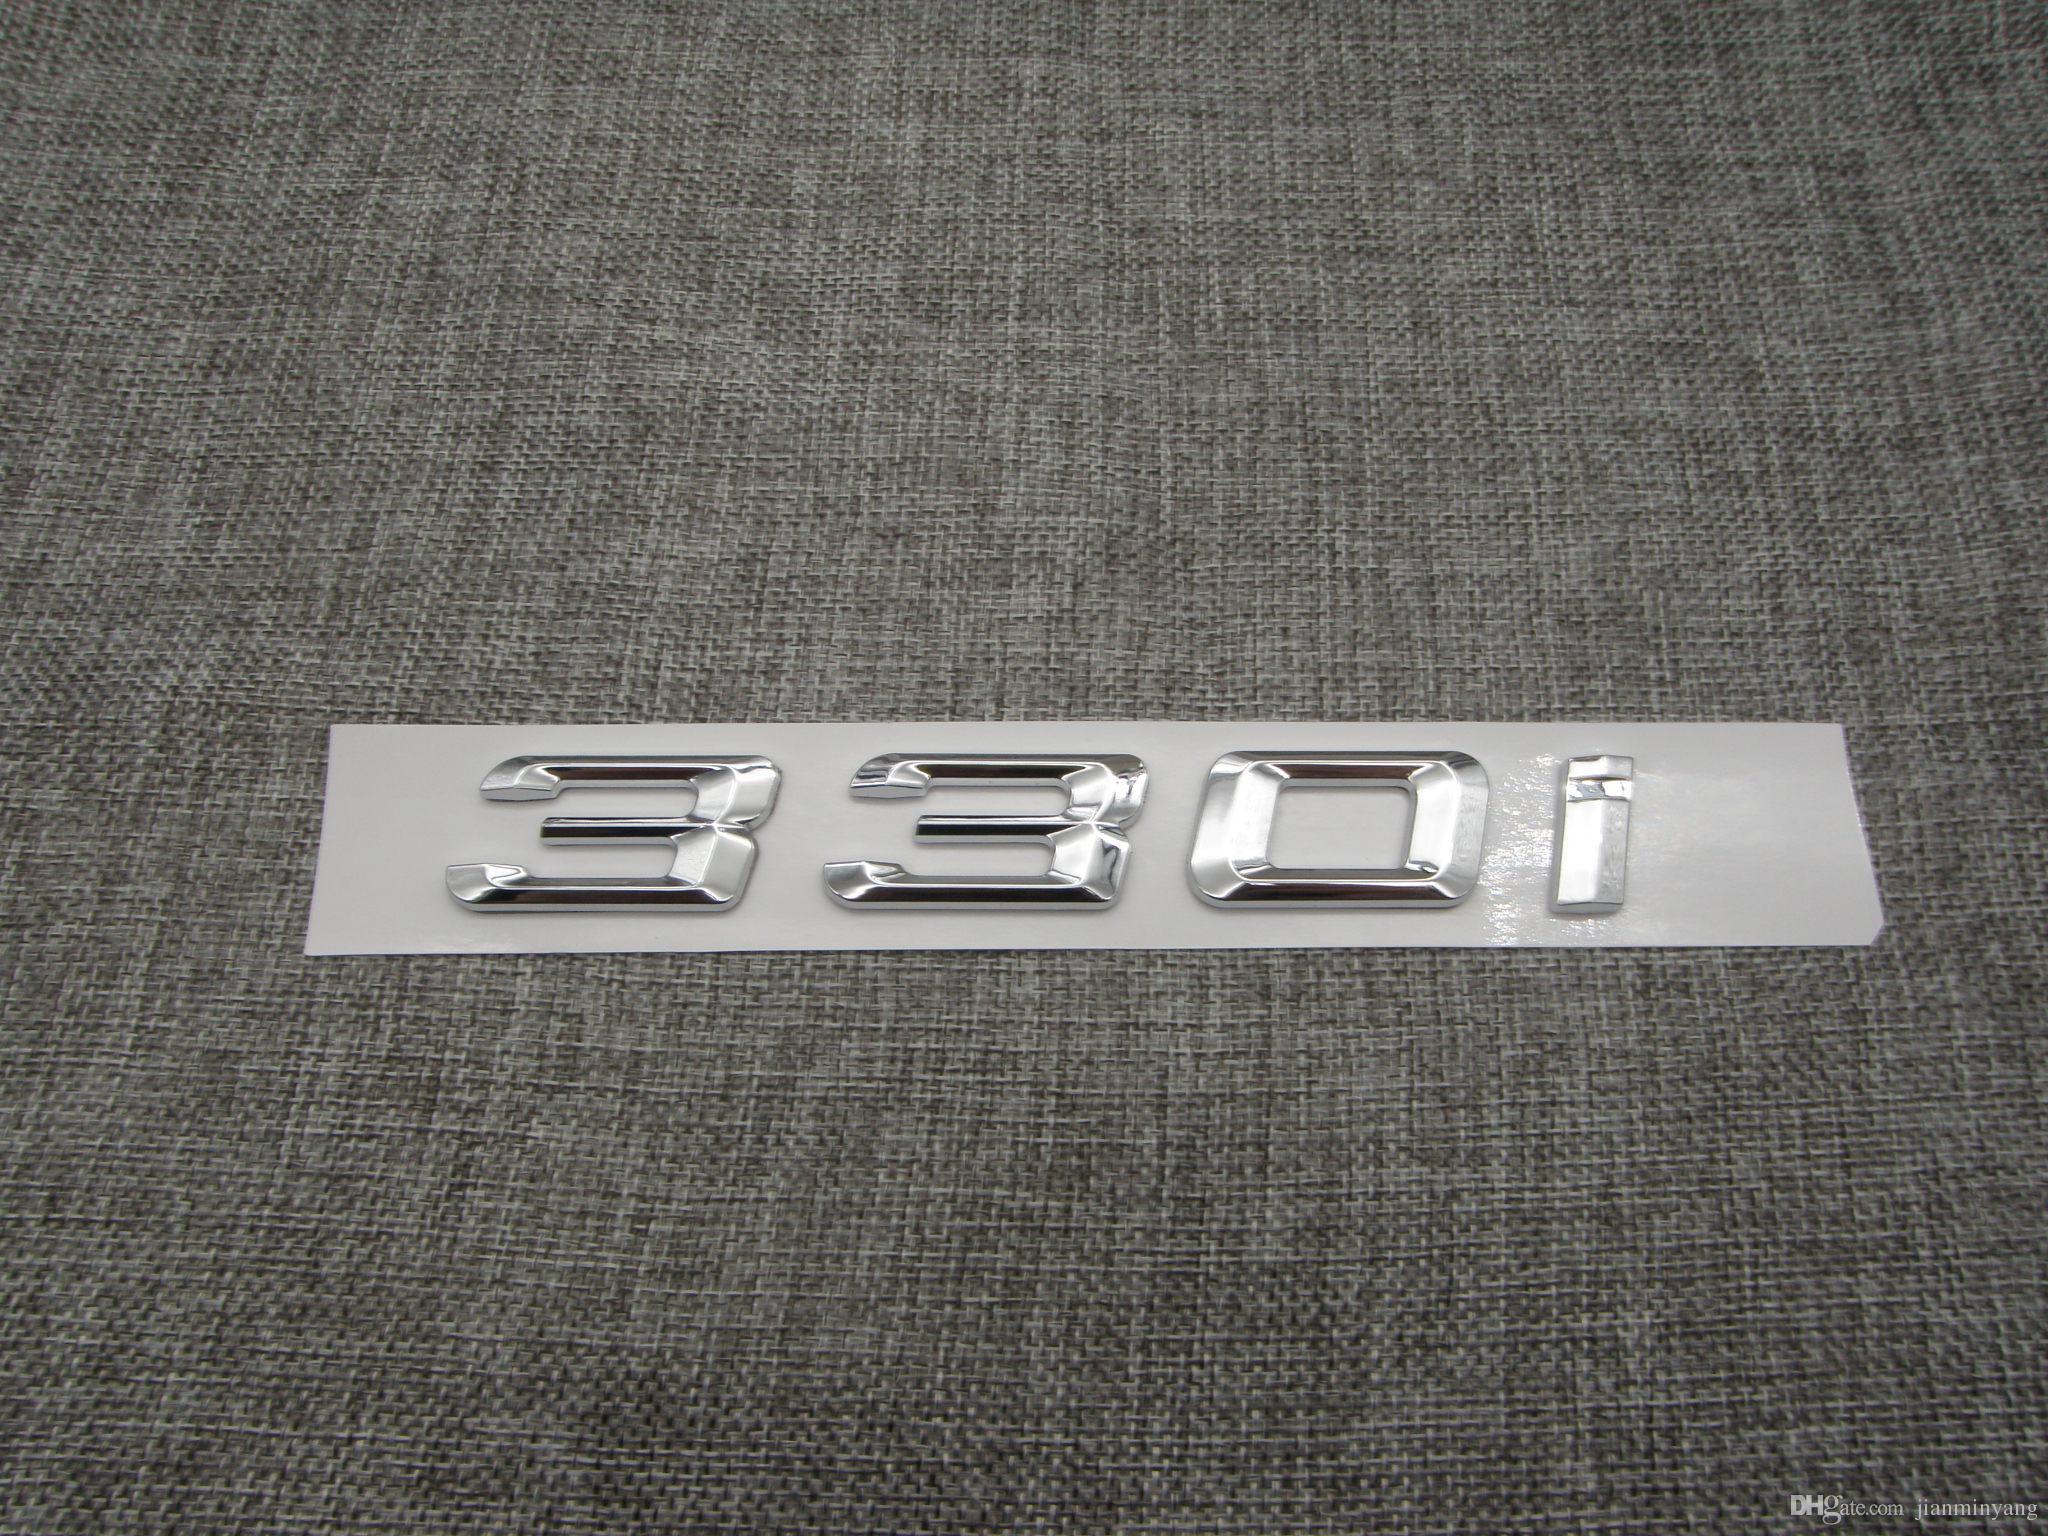 Хром номер багажника задние буквы слово значок эмблема наклейка для BMW 3 серии 330i